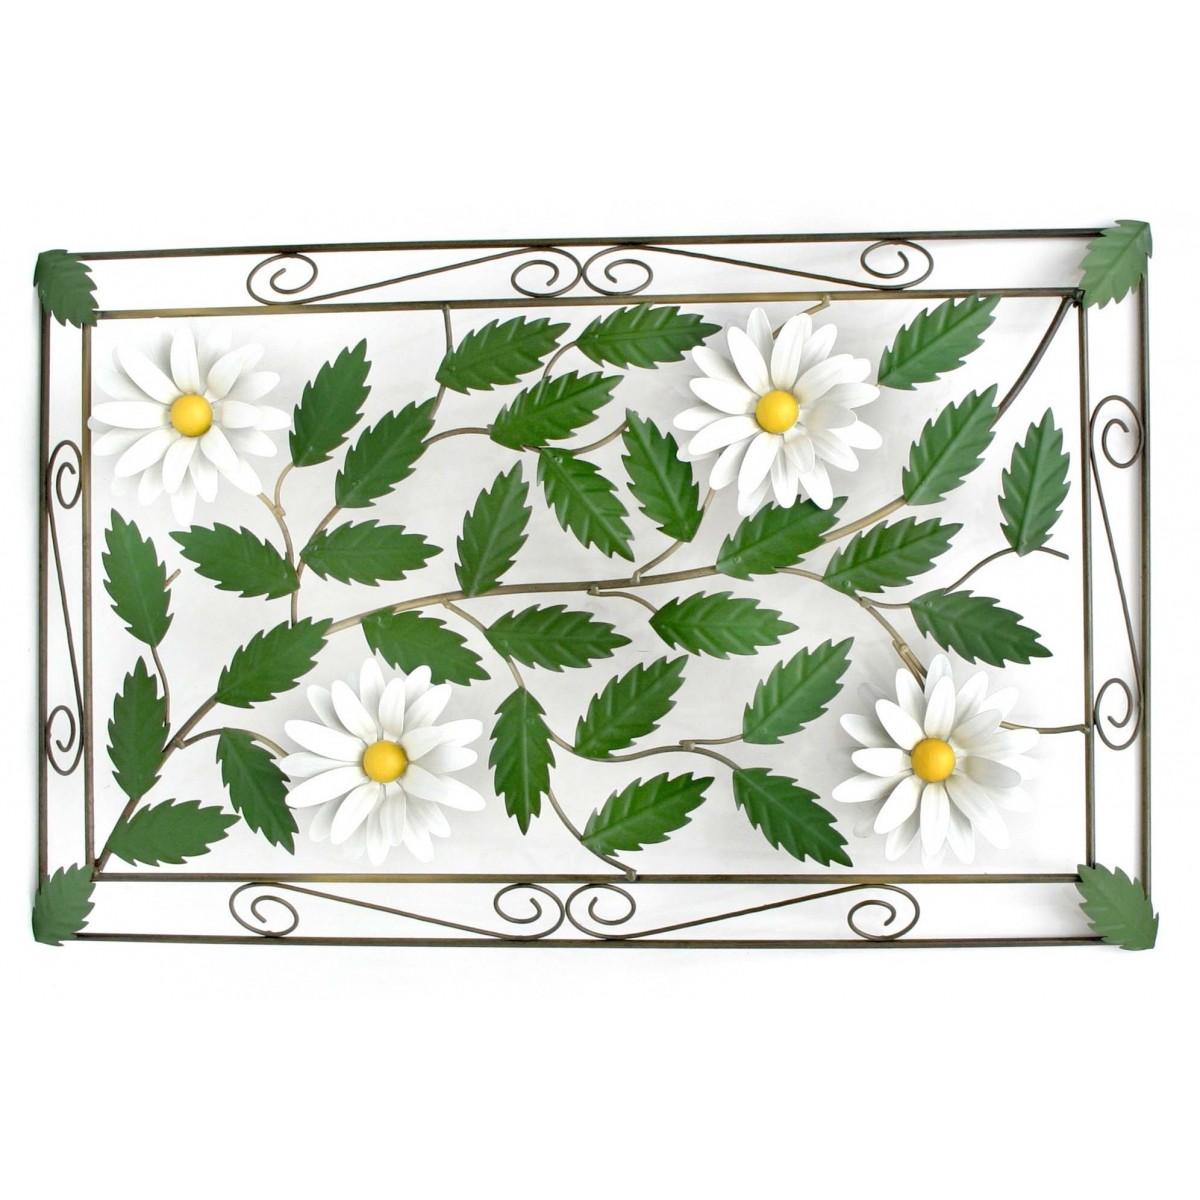 Moldura de Parede Classica com Flores em Ferro Artesanal Mineiro